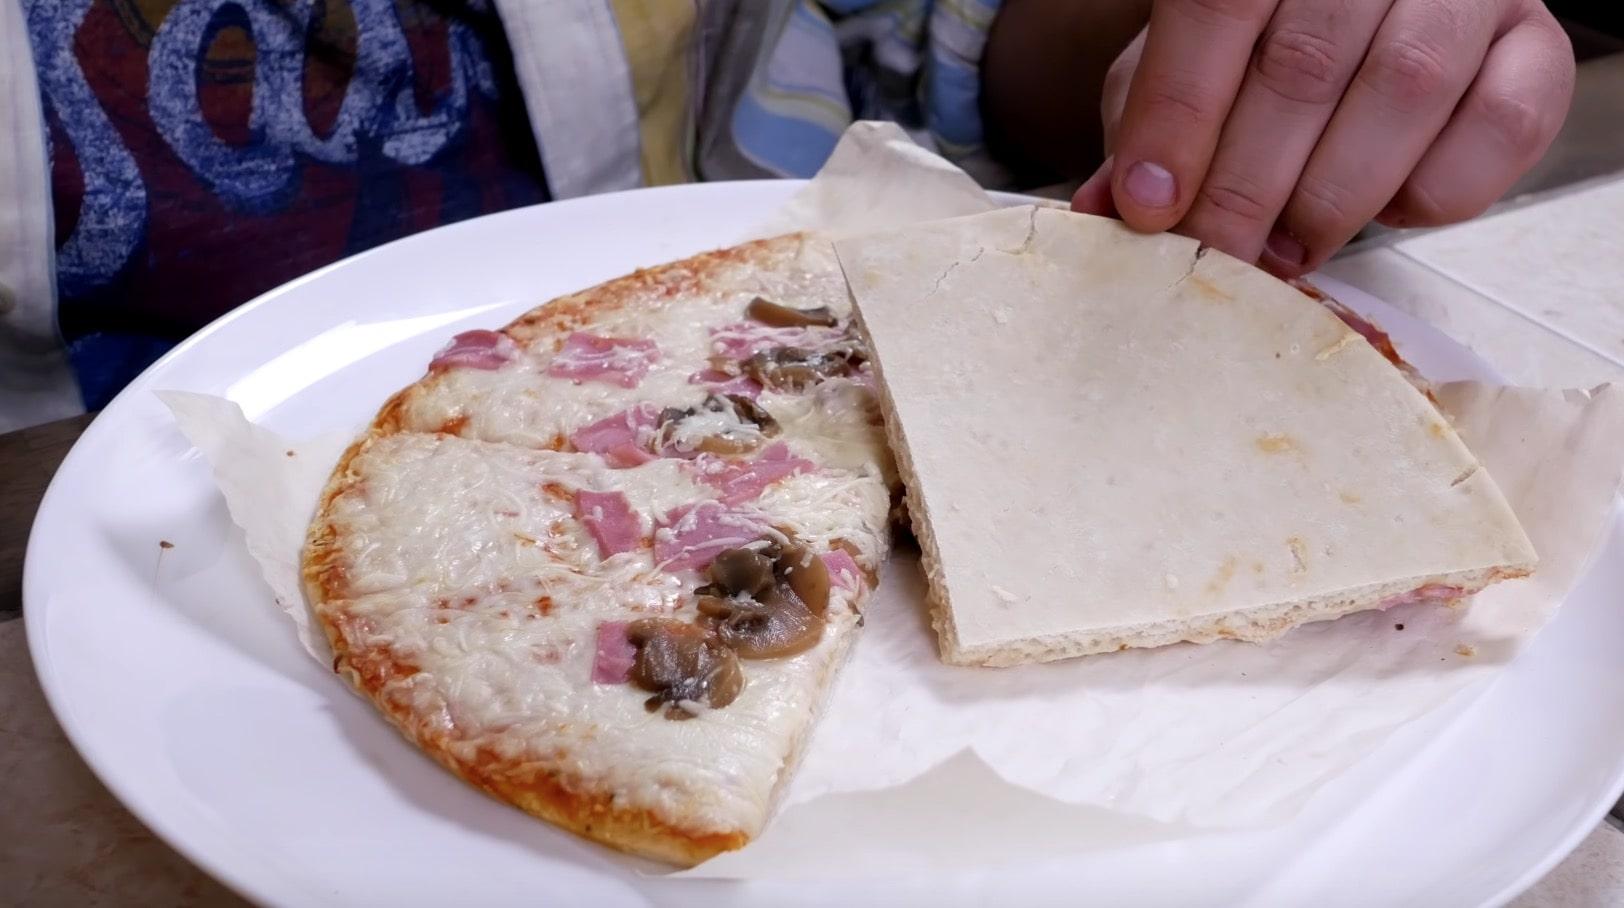 И даже за 8 минут сыр не расплавился до конца. По итогу пицца выглядит не аппетитно. Края не подрумянились за 8 минут. Но мы готовим столько, сколько нам порекомендовал производитель.